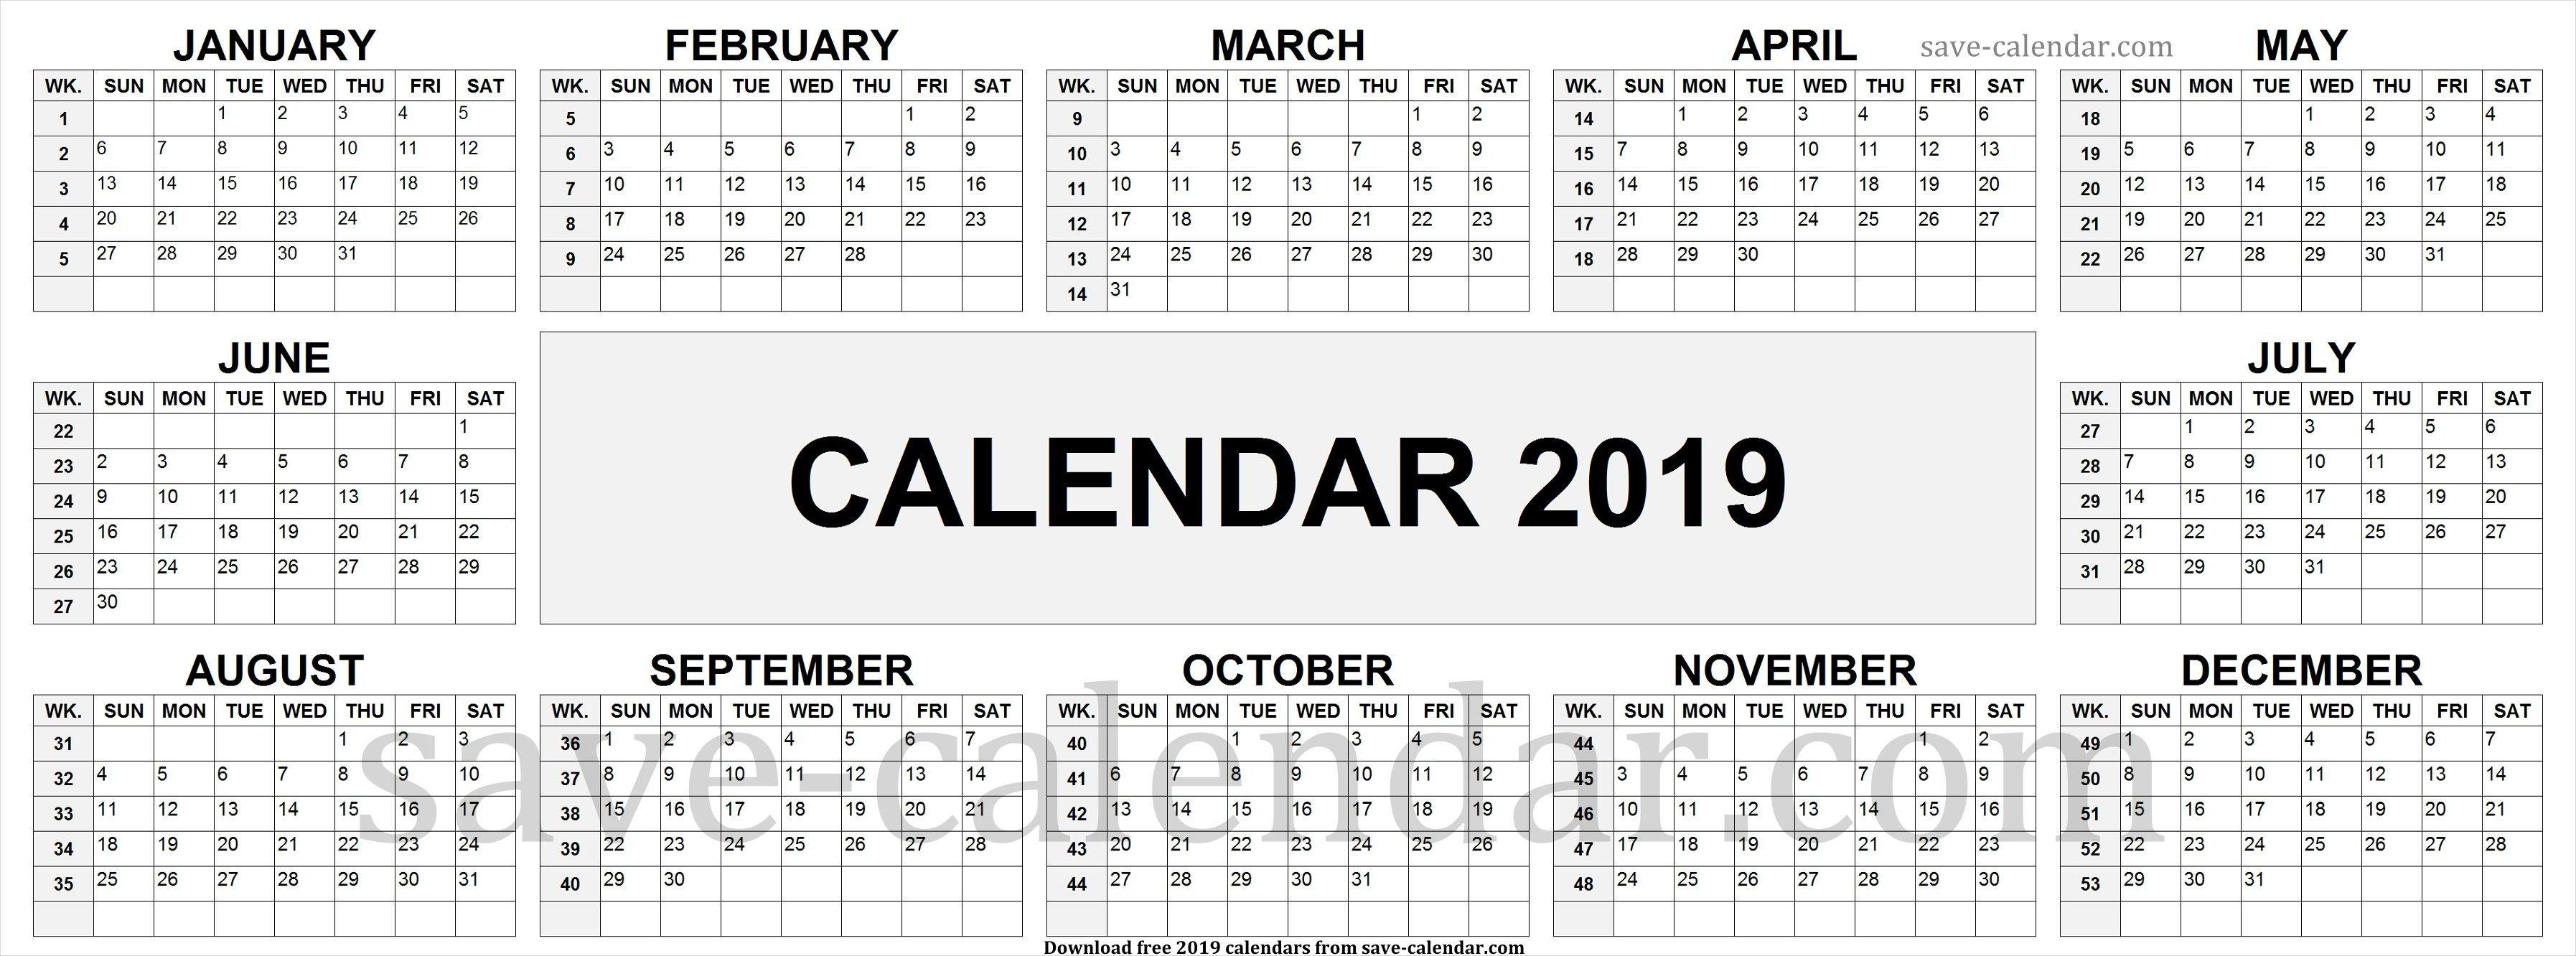 2019 Calendarweek Numbers | Calendar 2019 With Week Numbers Calendar 2019 Weeks